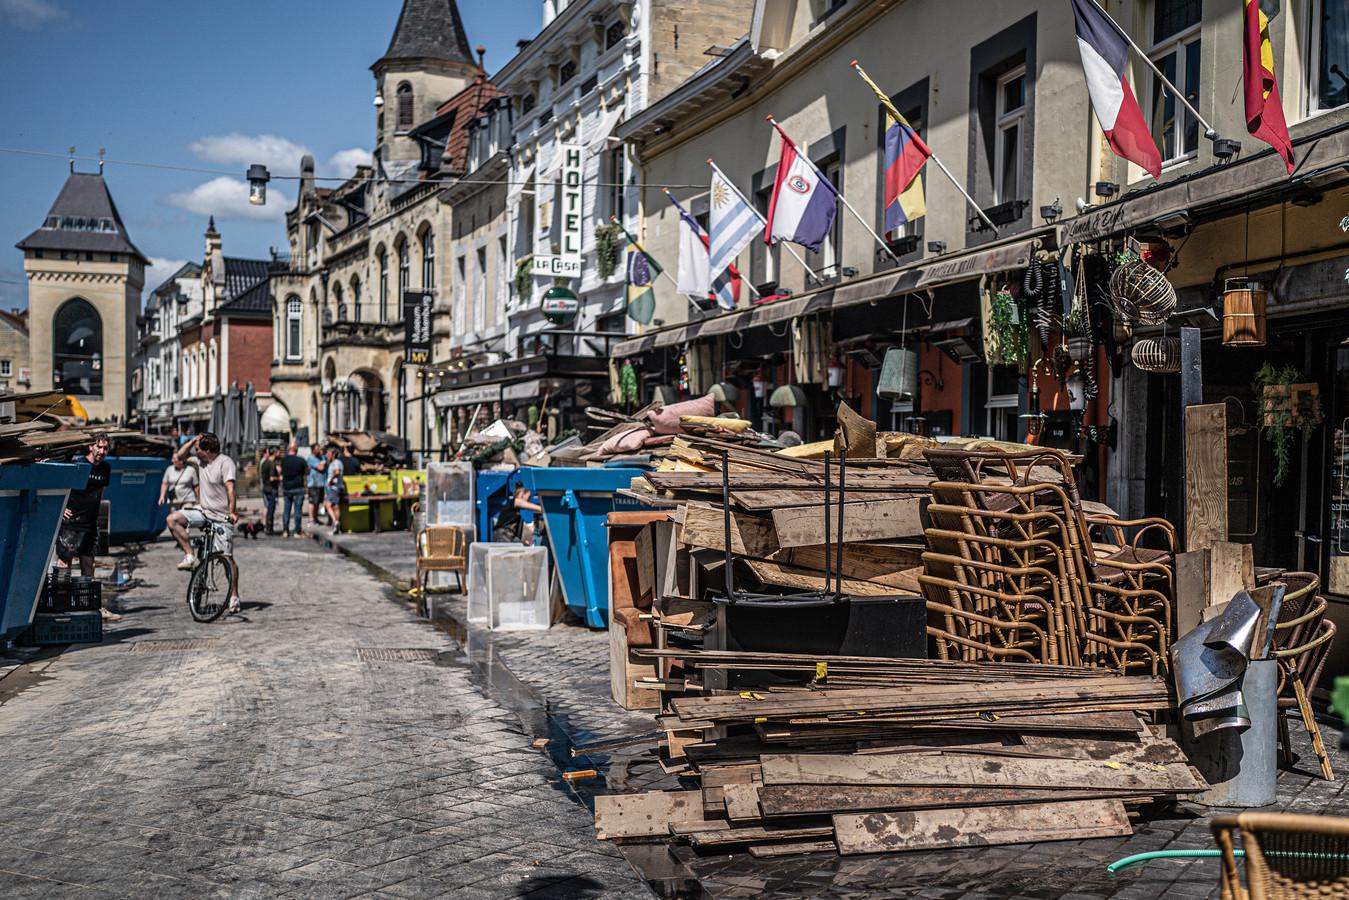 Valkenburg enkele dagen na de enorme overstromingen van de Maas (18 juli 2021).